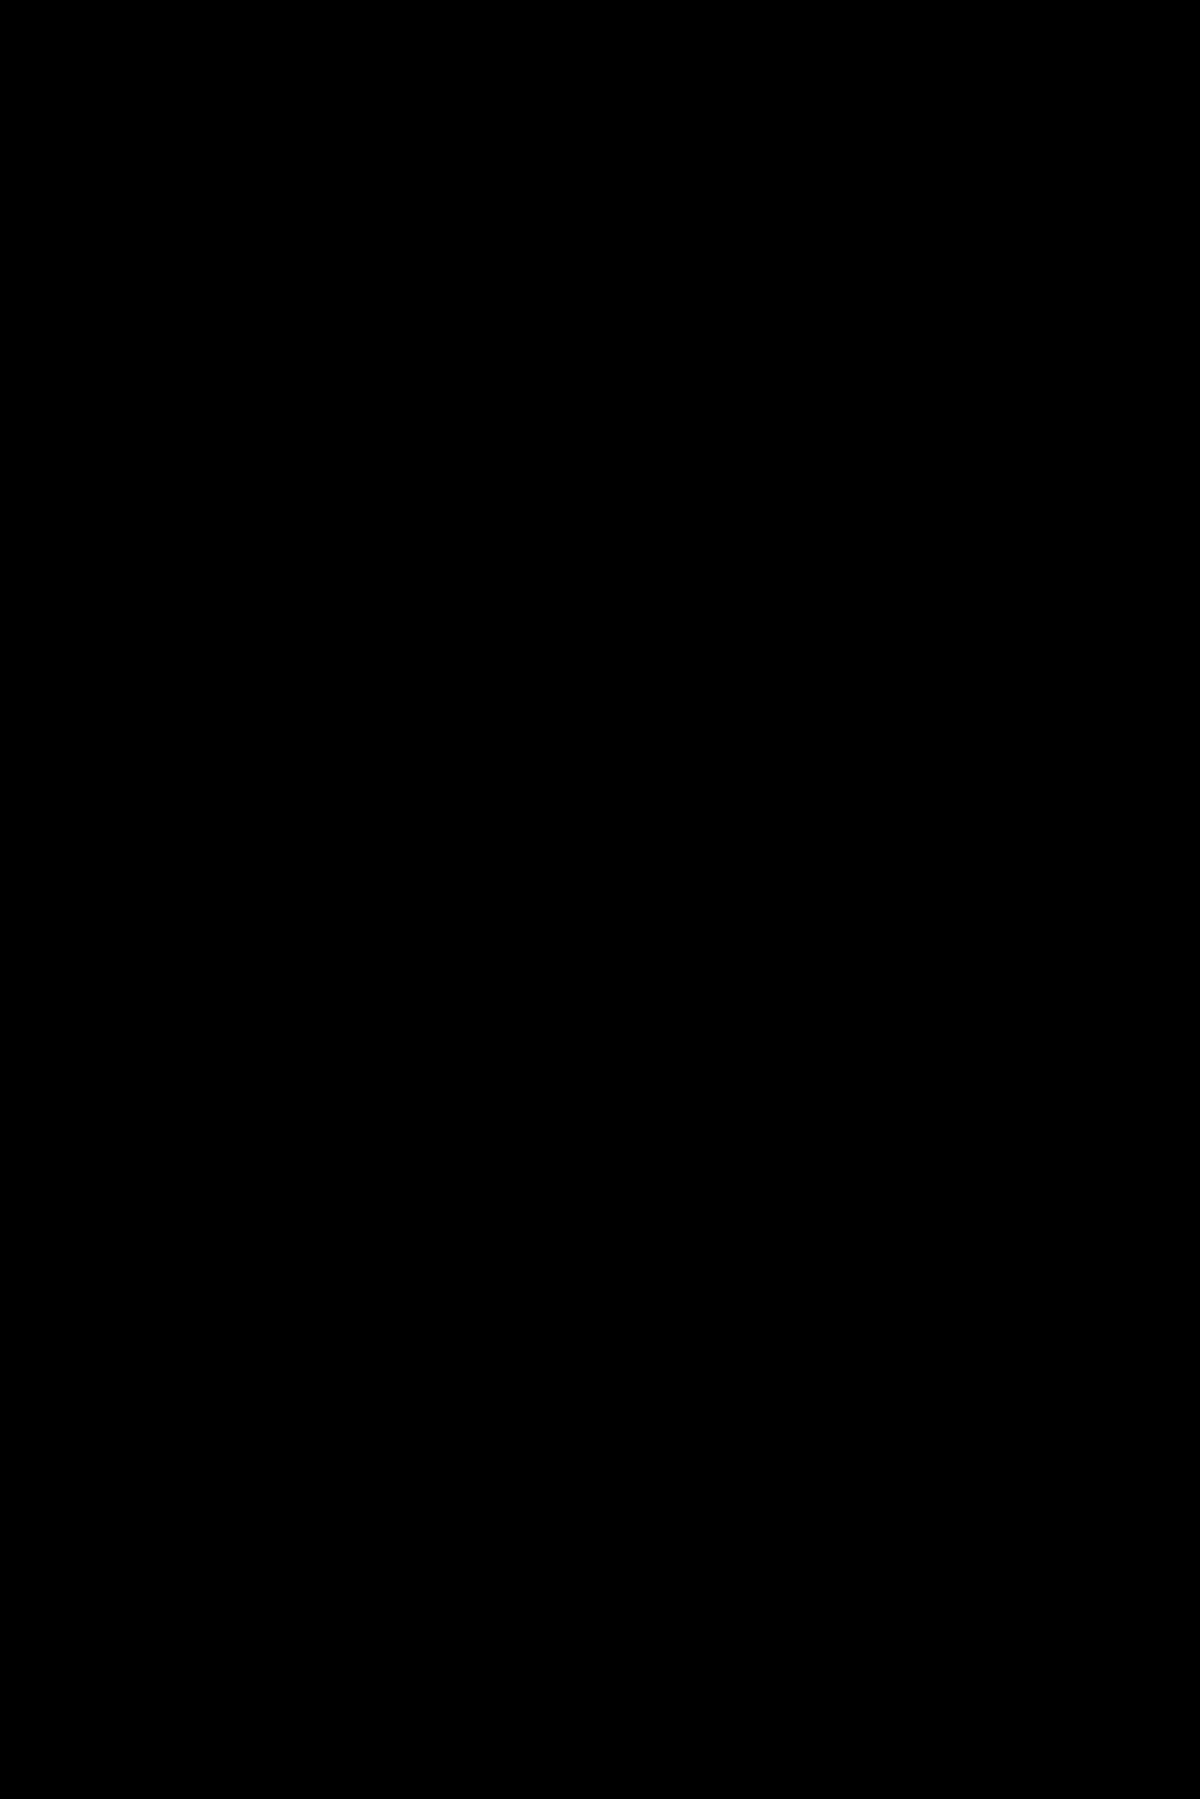 margele lammlia